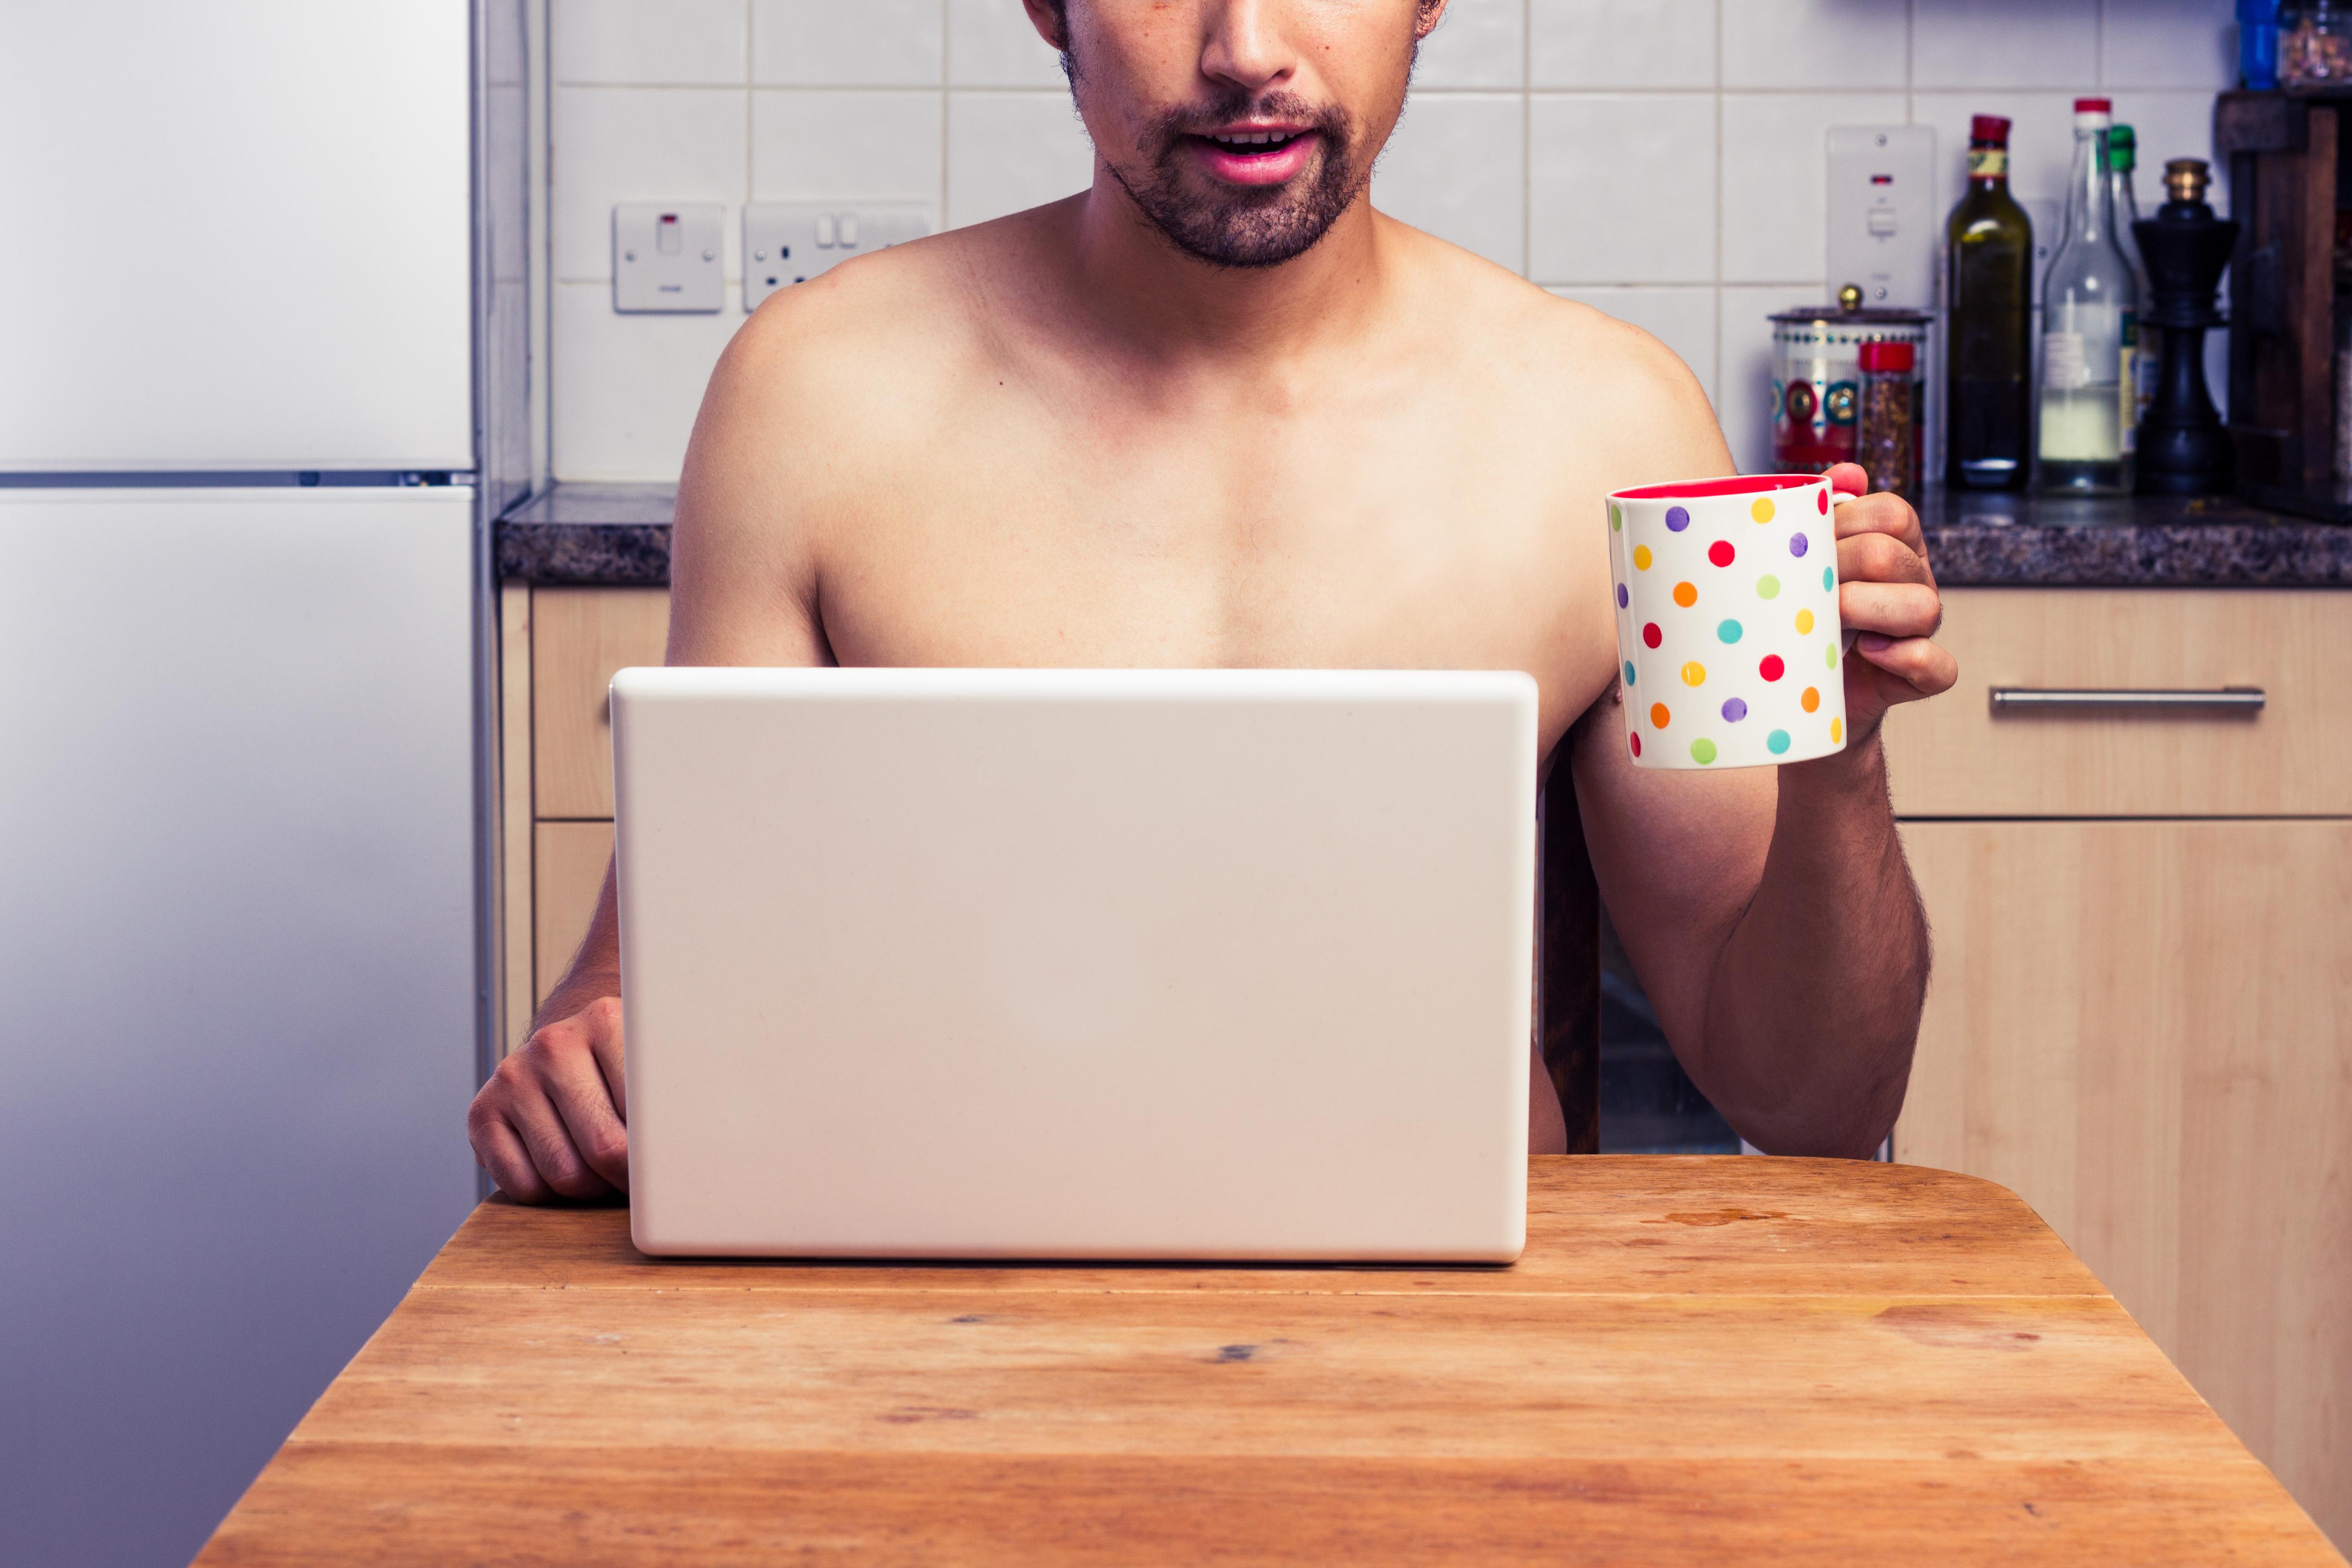 Att vara naken hemma kan vara ett tecken på högre intelligens.